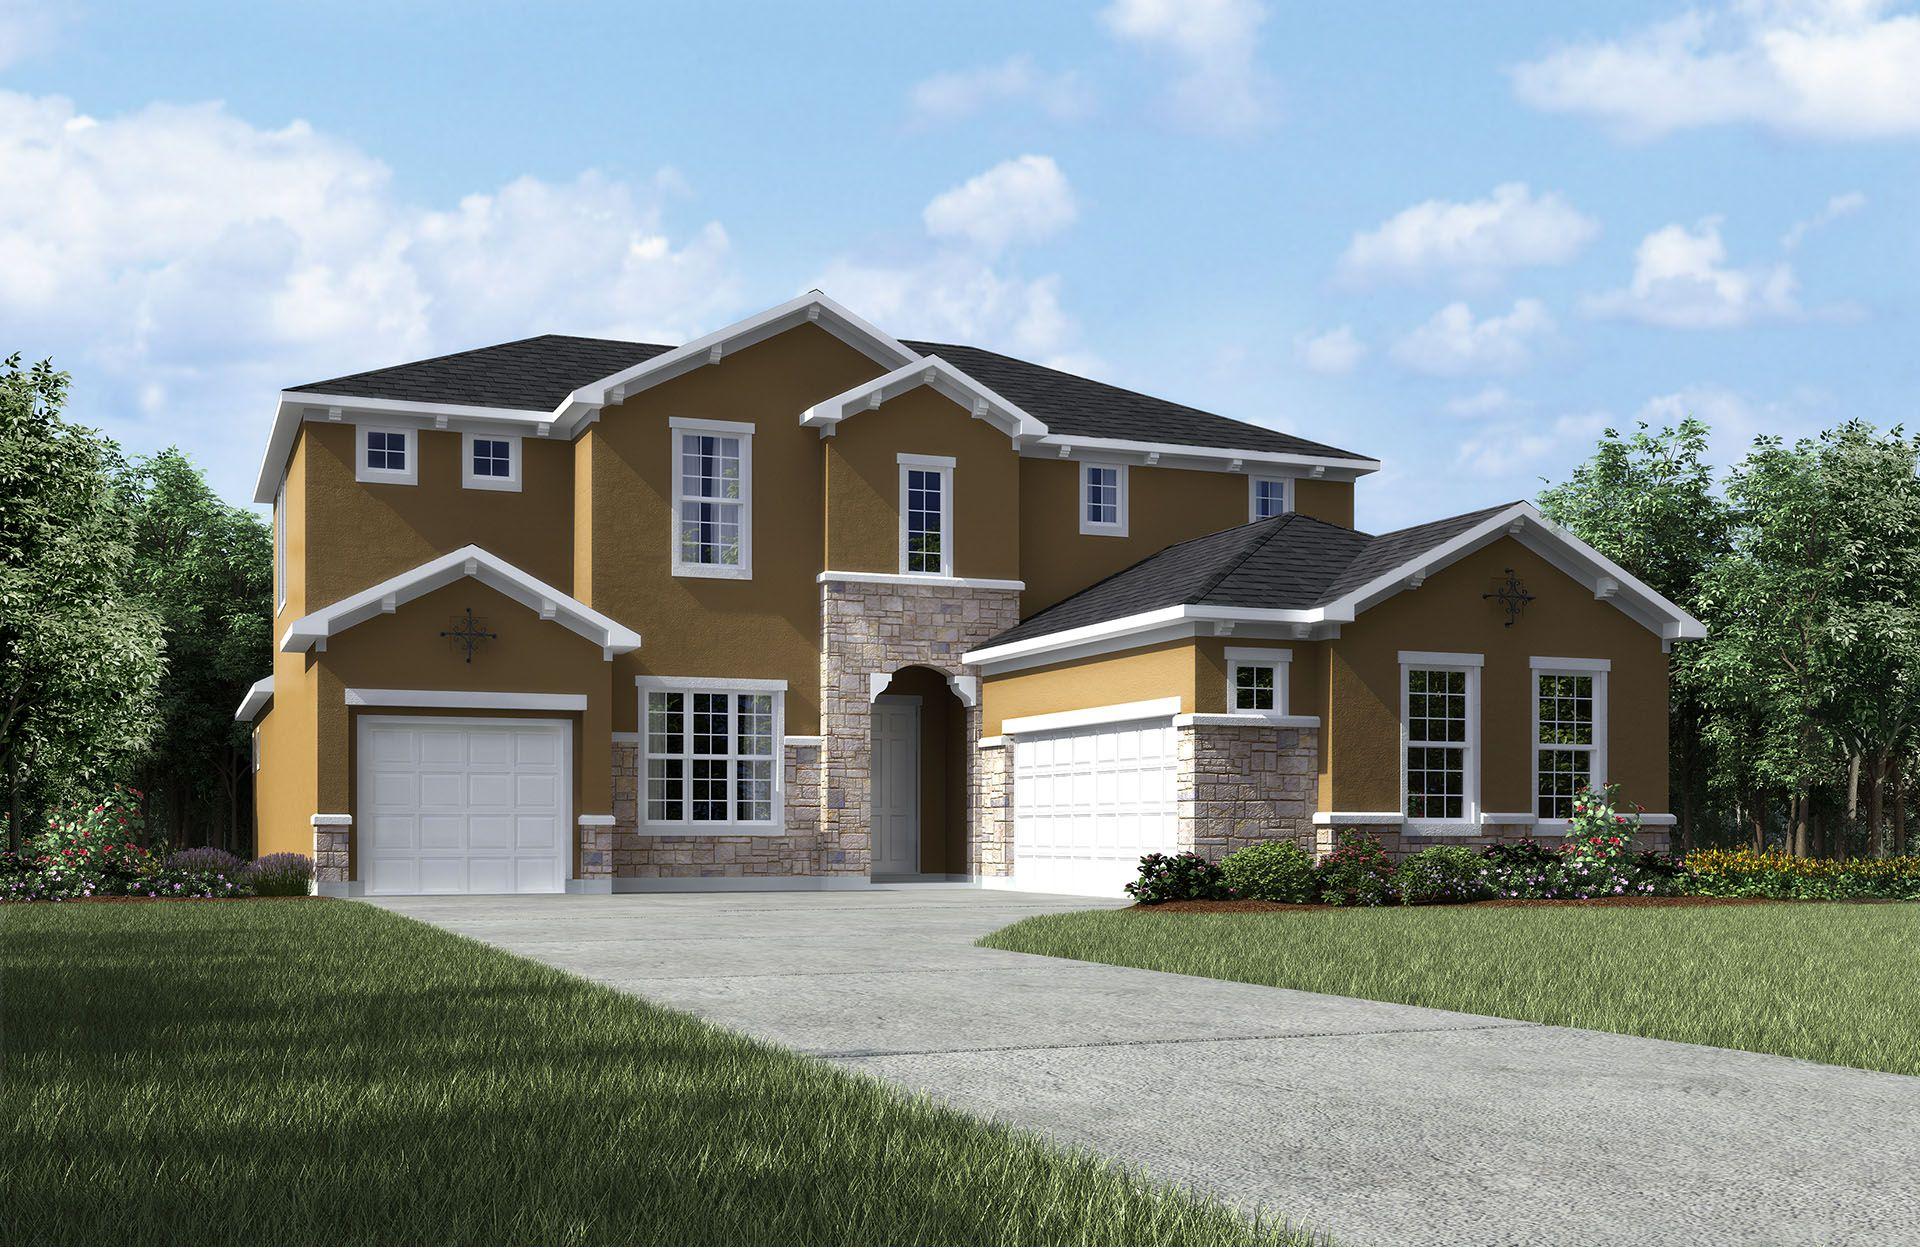 单亲家庭 为 销售 在 King And Bear - Redington 2421 Den Street St. Augustine, Florida 32092 United States